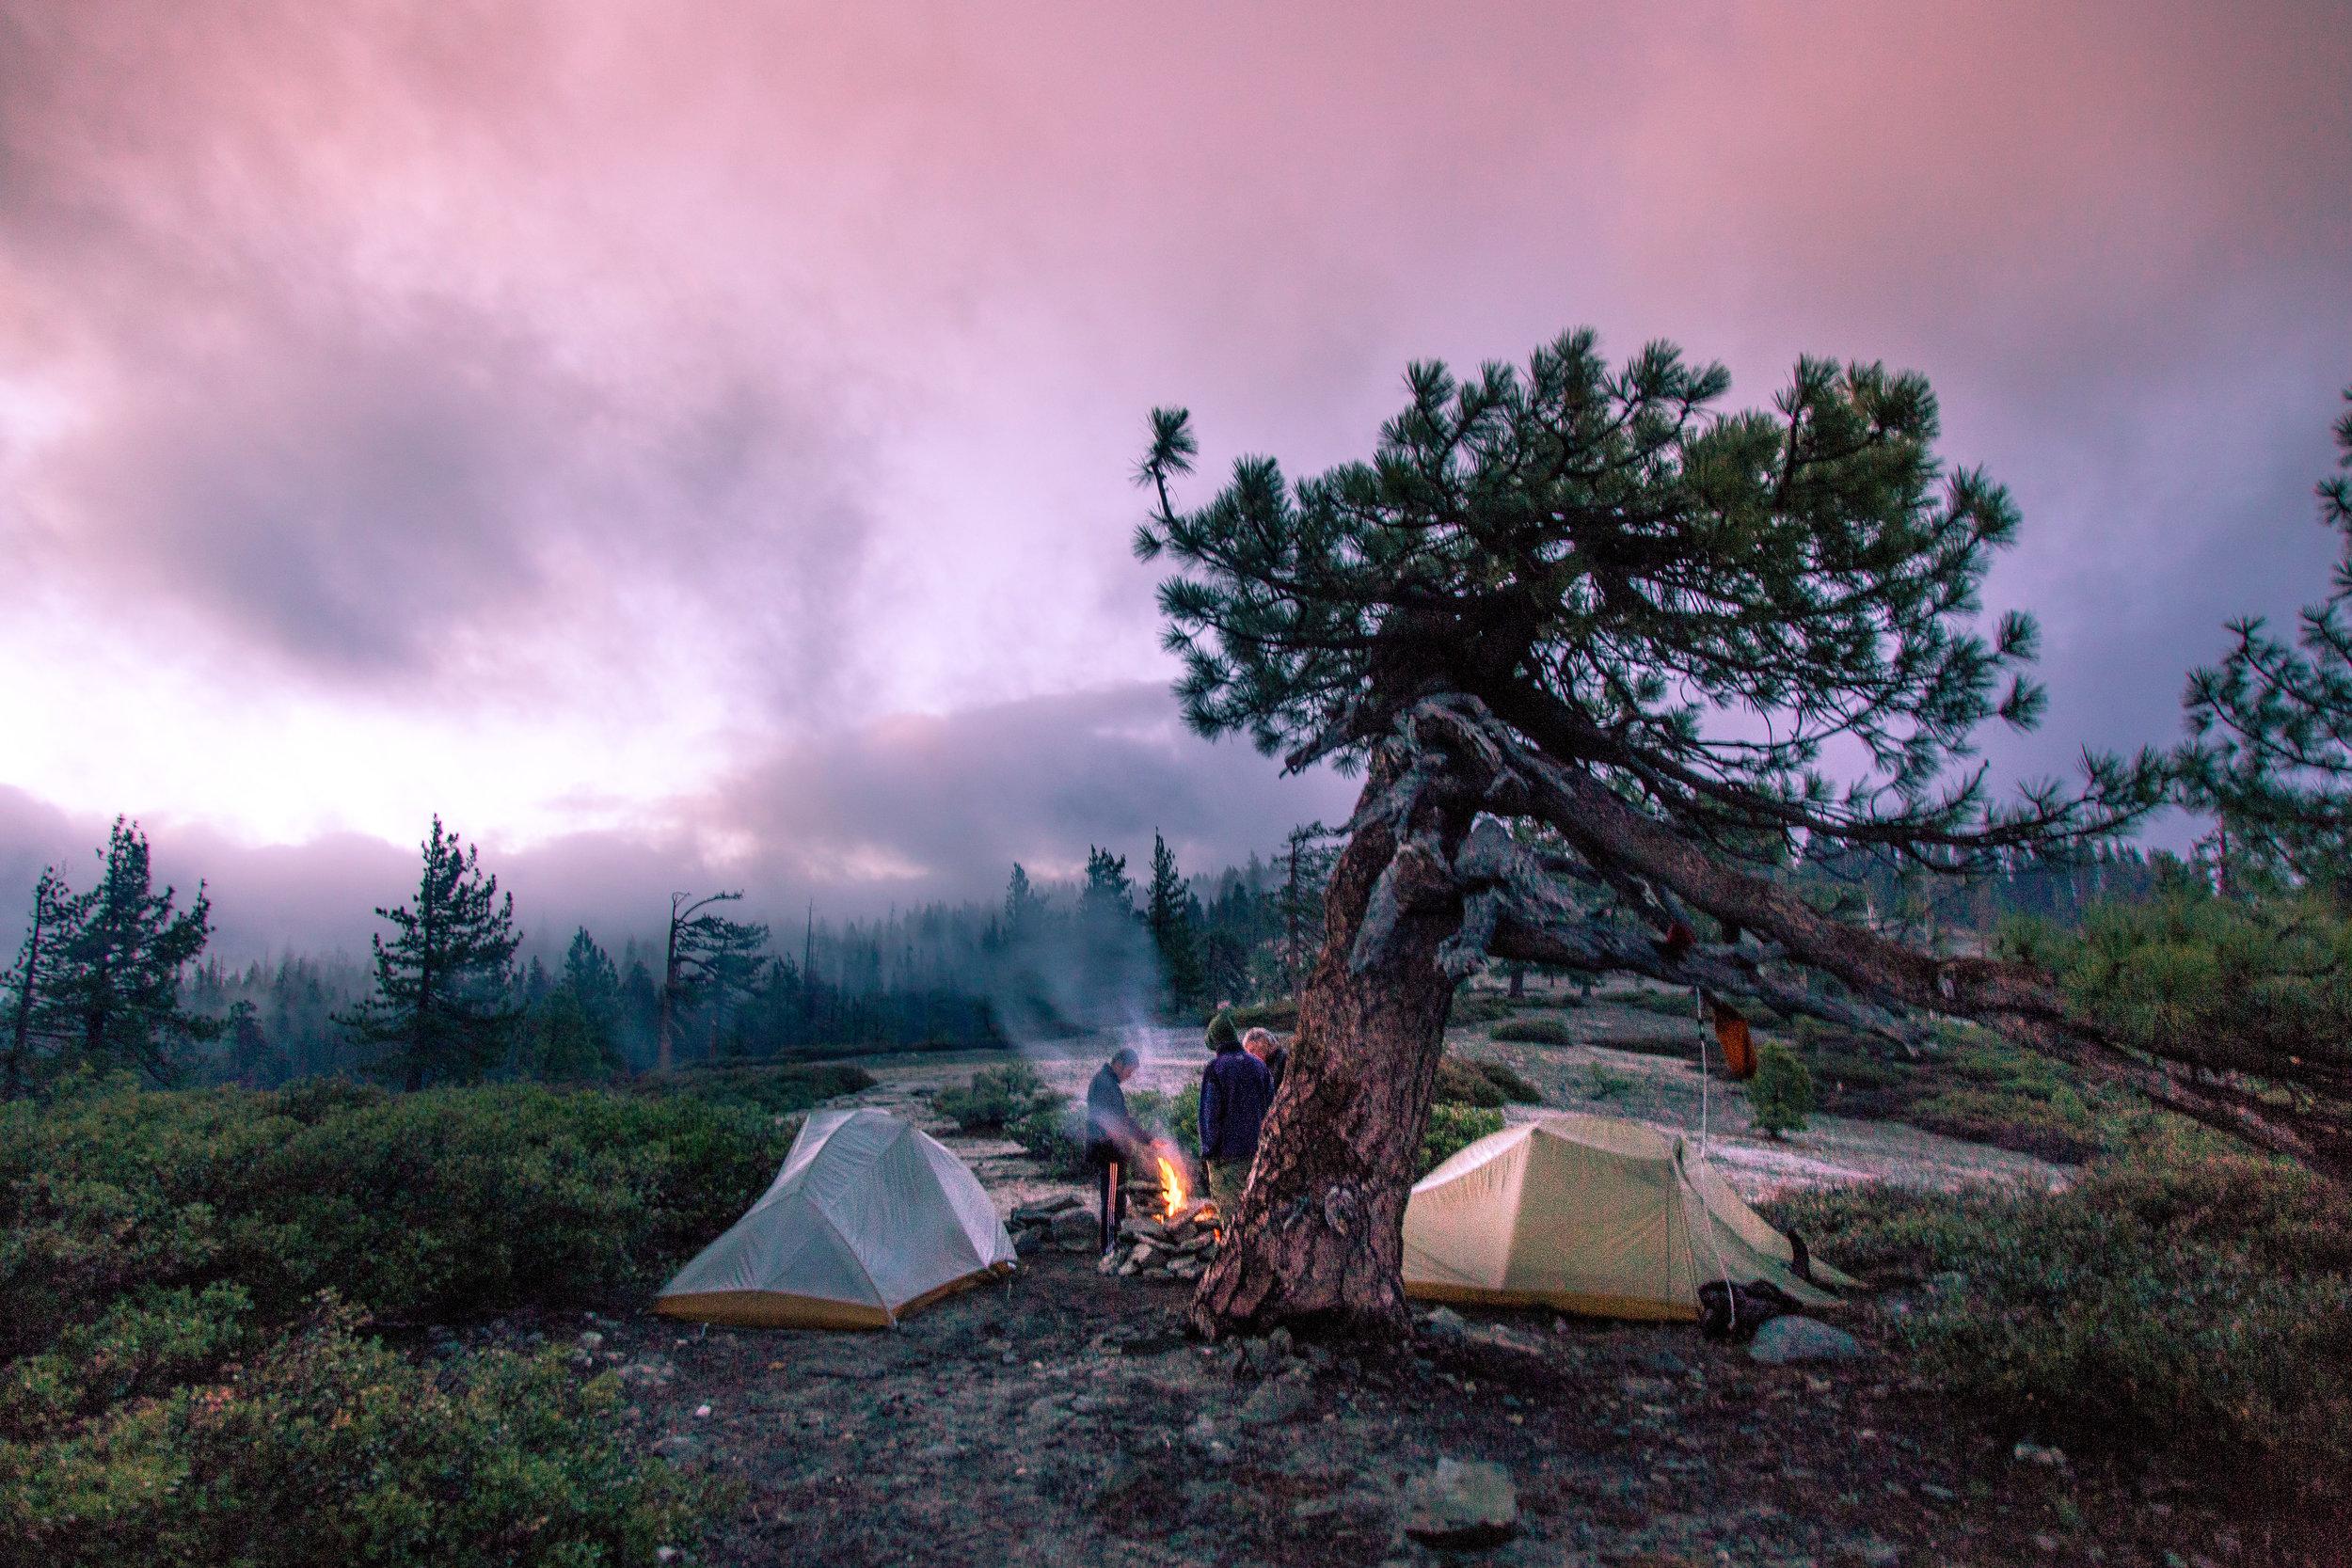 Alltrails & Bigagnes - Outdoor App & Camping Equipment Company